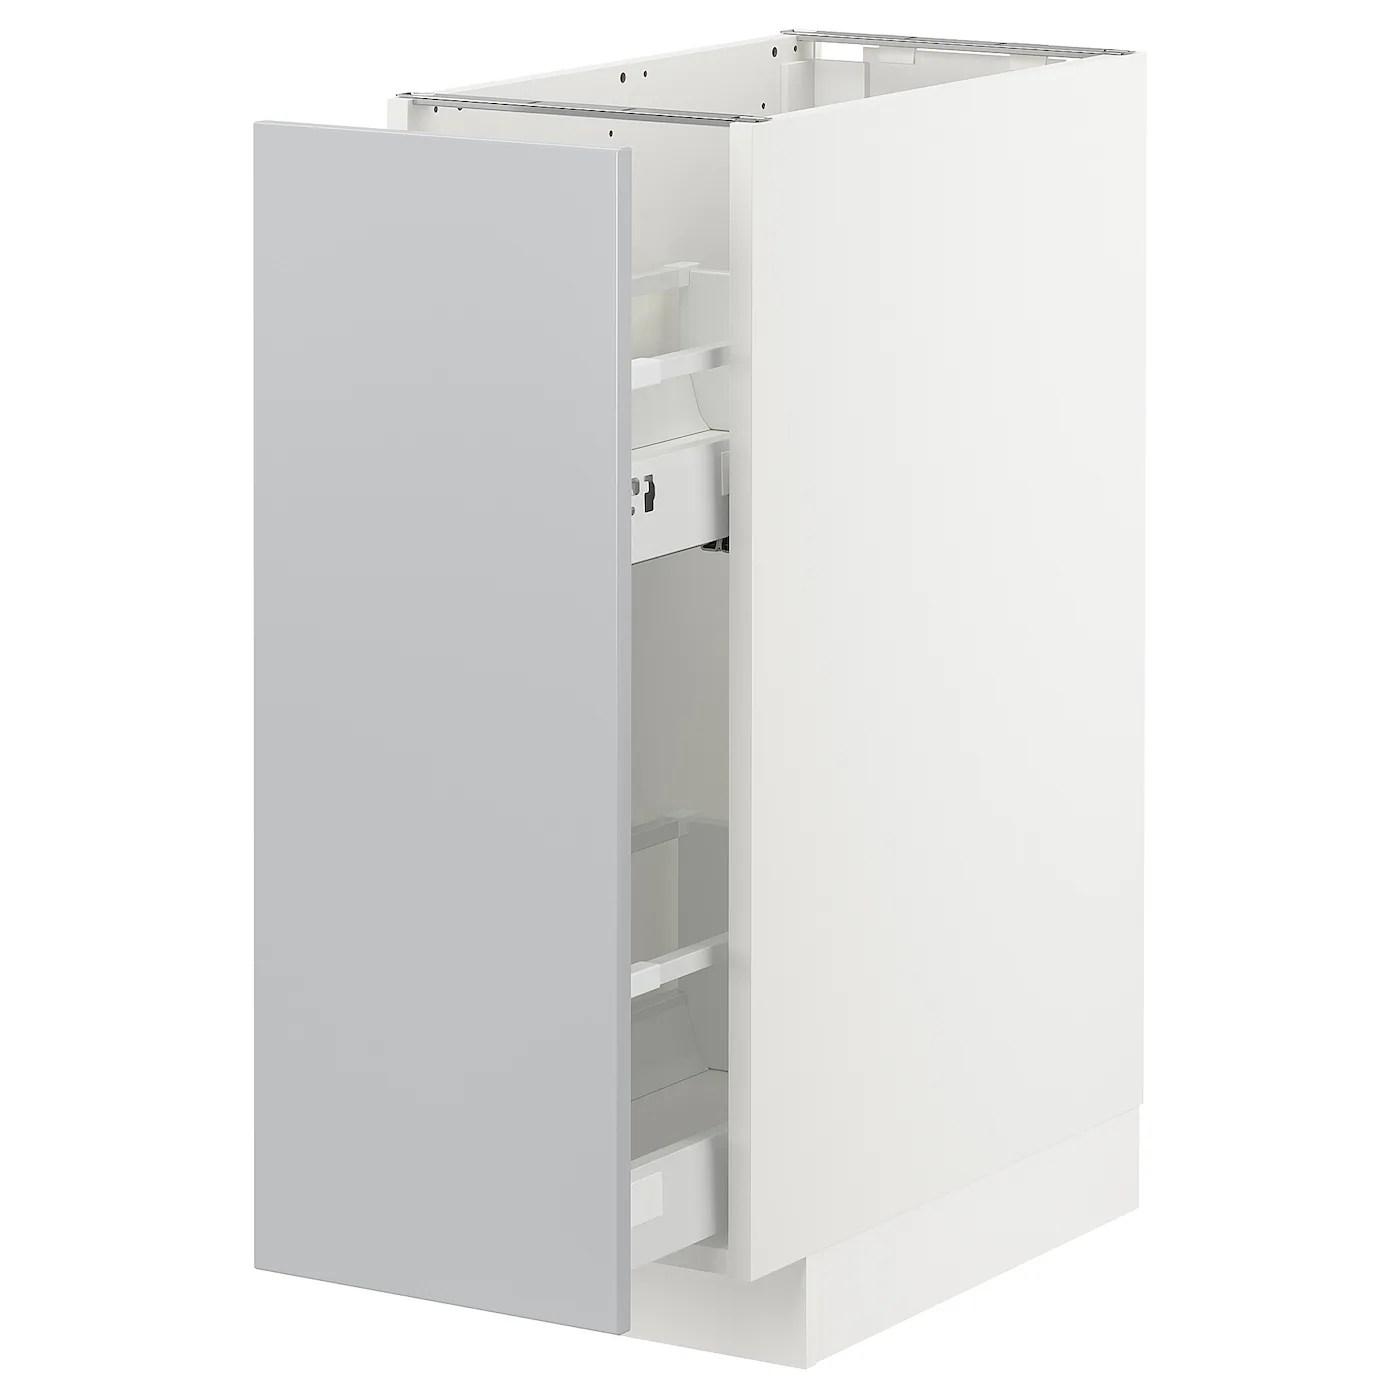 Metod Element Bas Rgts Coulissants Blanc Veddinge Gris 30x60 Cm Ikea